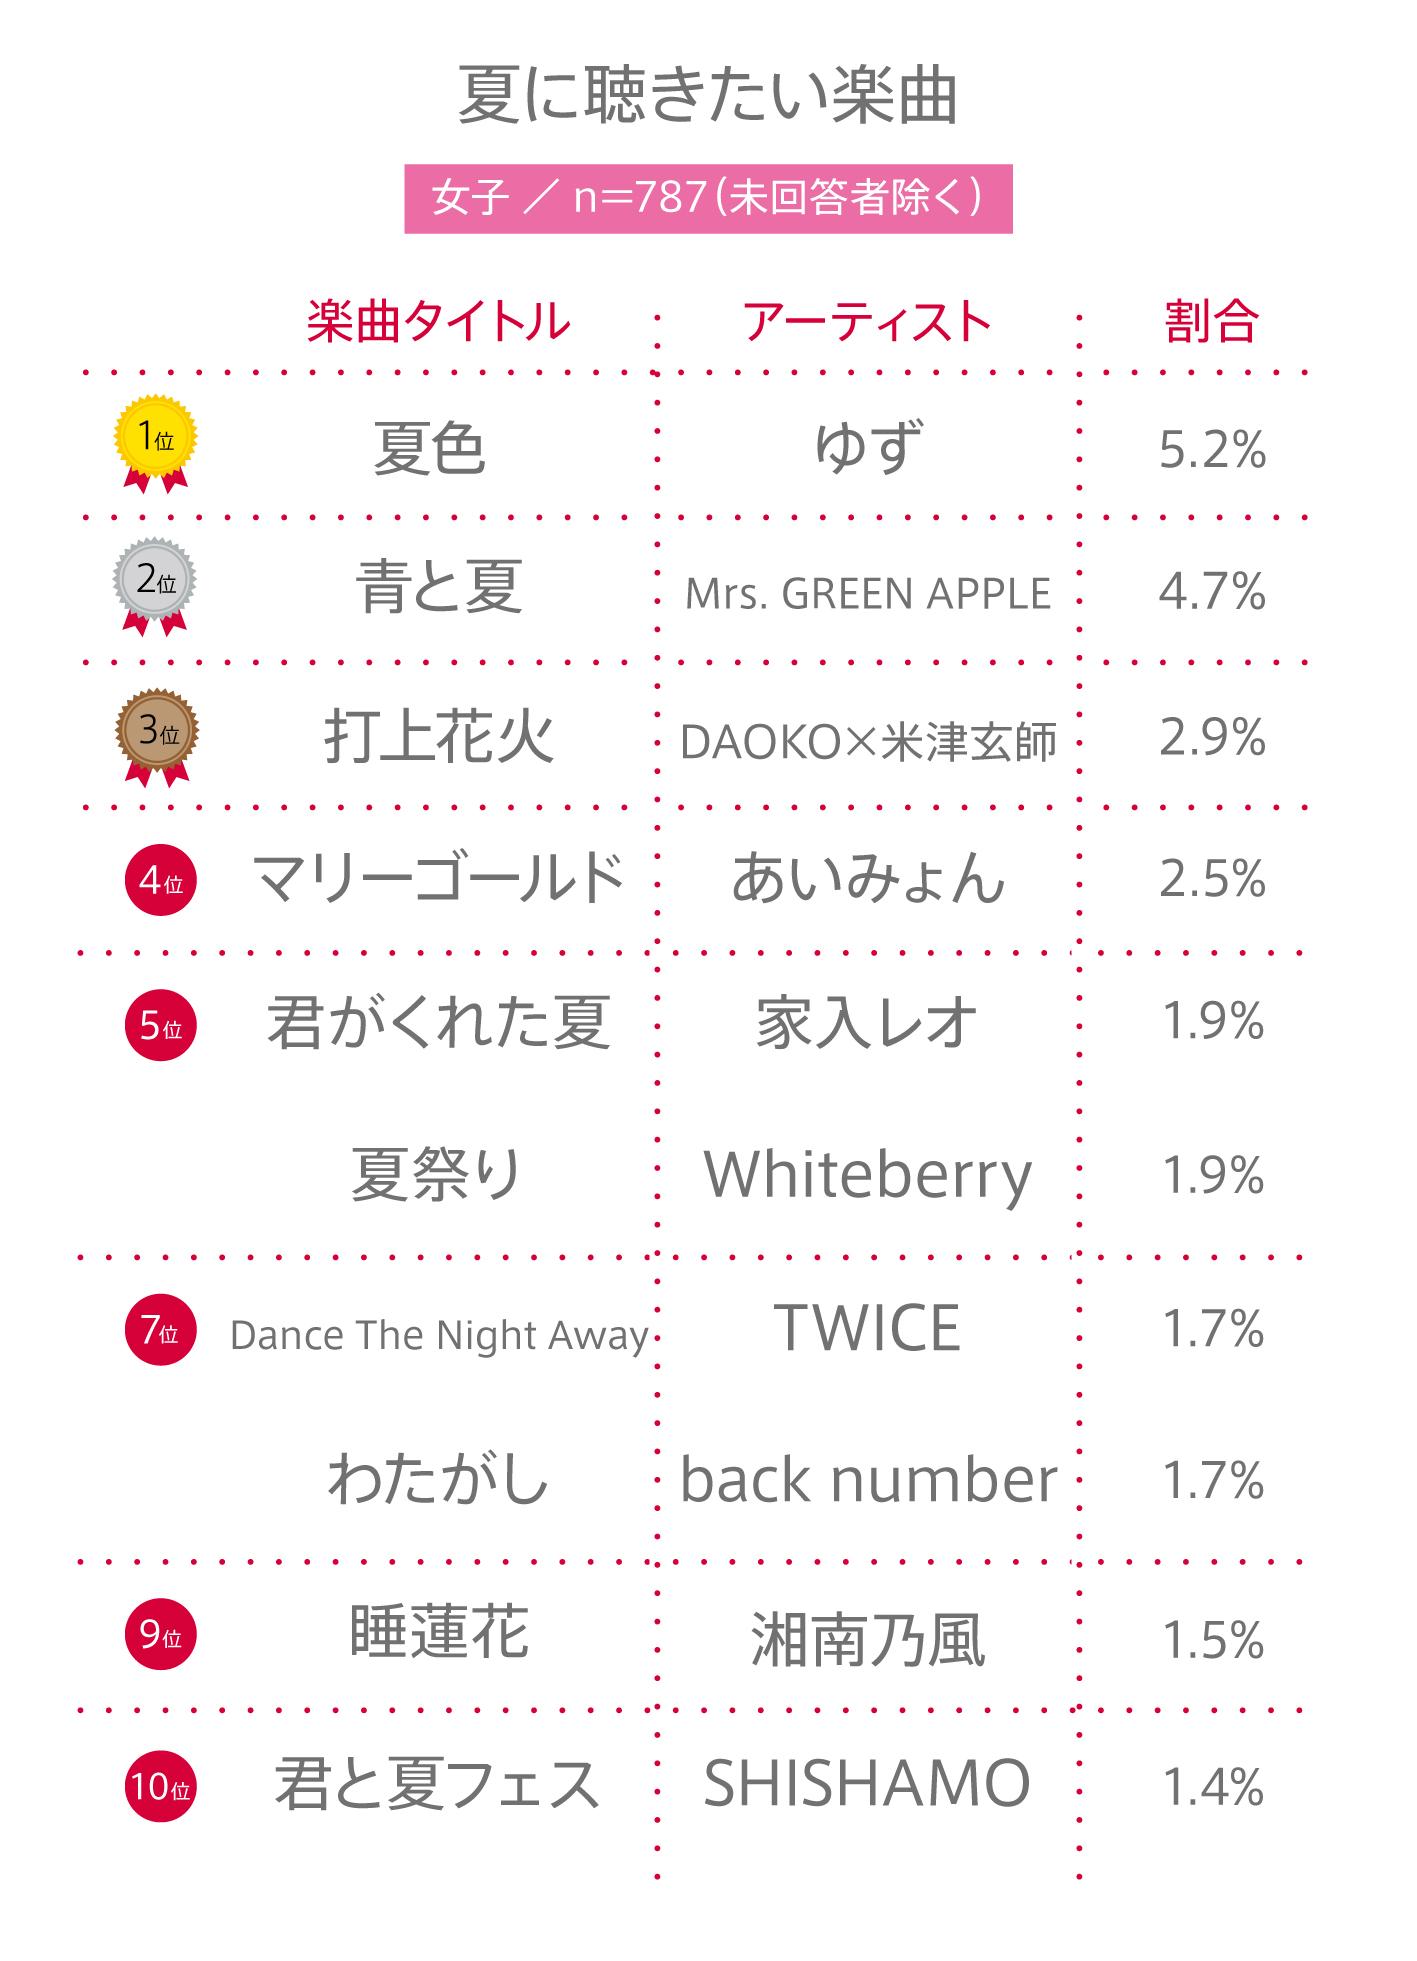 2018年7月2日公開の同調査(https://www.ytjp.jp/2018/07/02/1000ninanketo-natsunikikitaigakkyoku-best10)と比較すると、男子のBEST3は変わらず『夏色/ゆず』、『打ち上げ花火/DAOKO×米津玄師』、『夏祭り/Whiteberry』。女子と全体は『青と夏/Mrs.GREEN APPLE』が新しくBEST3にランクインした。